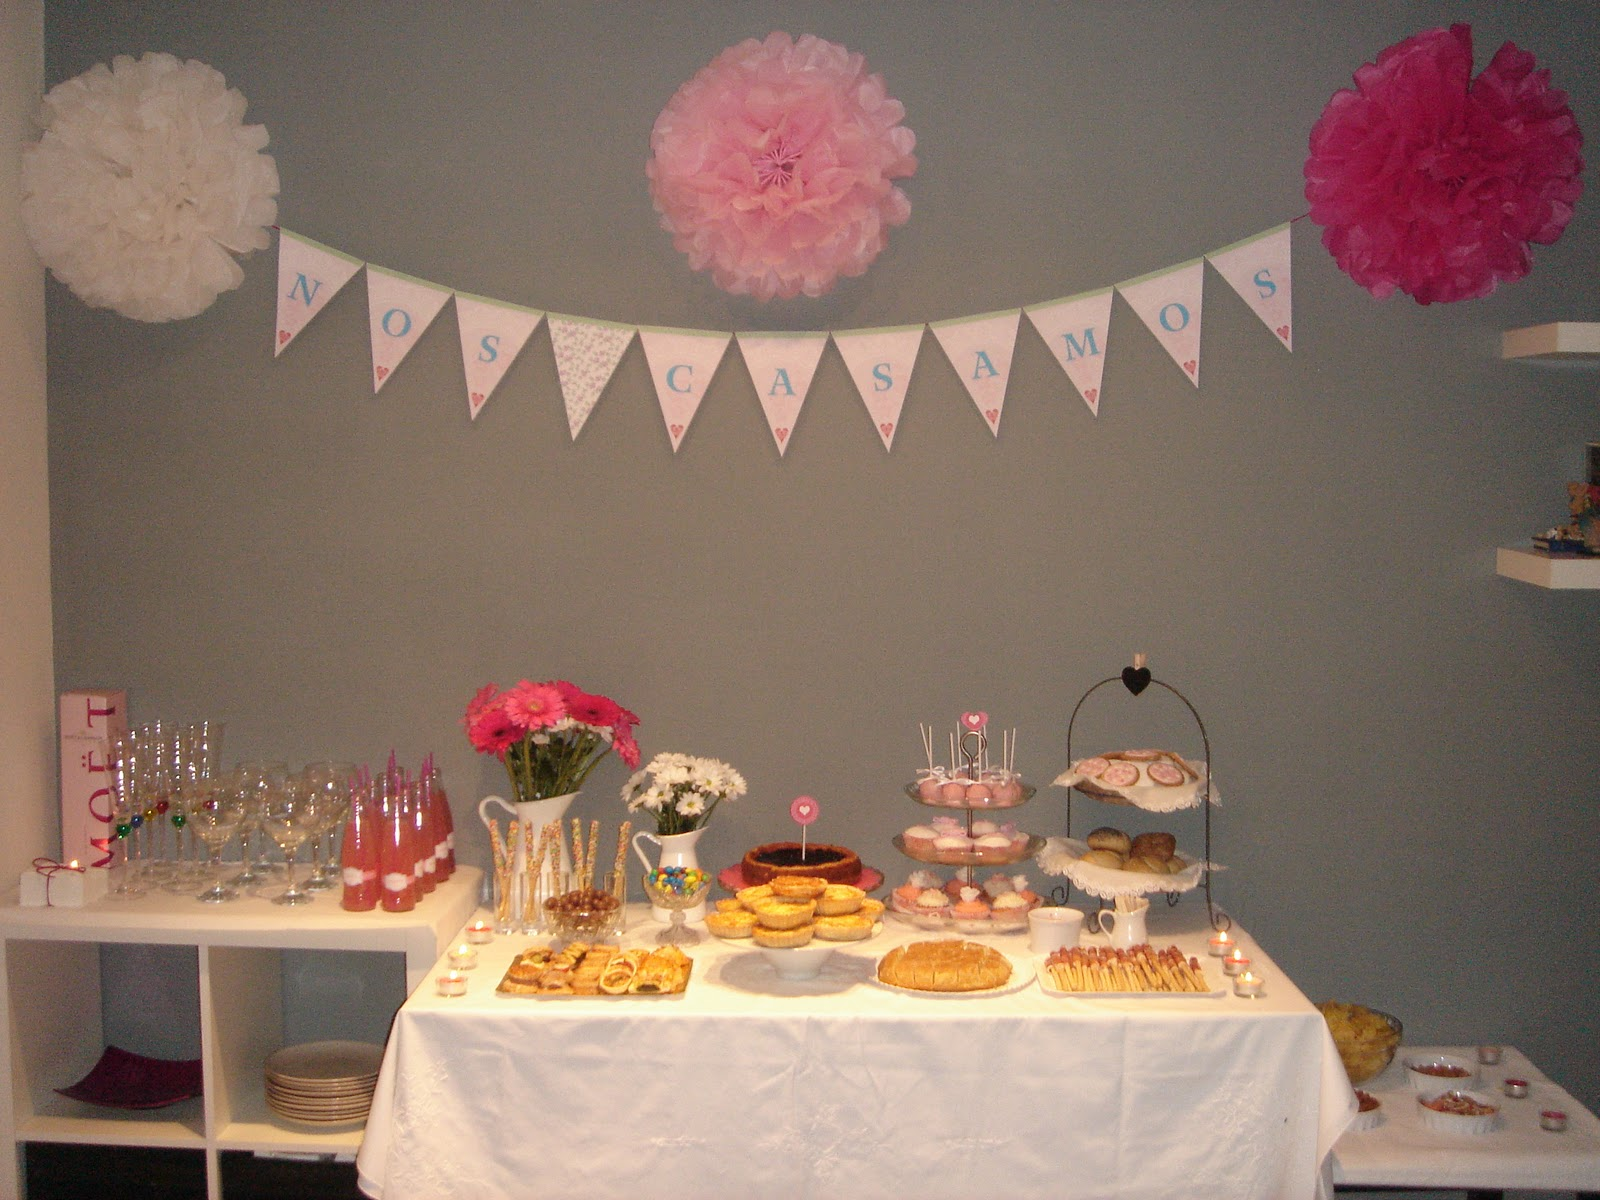 La chica de la casa de caramelo nuestra fiesta de compromiso for Ideas decoracion fiesta